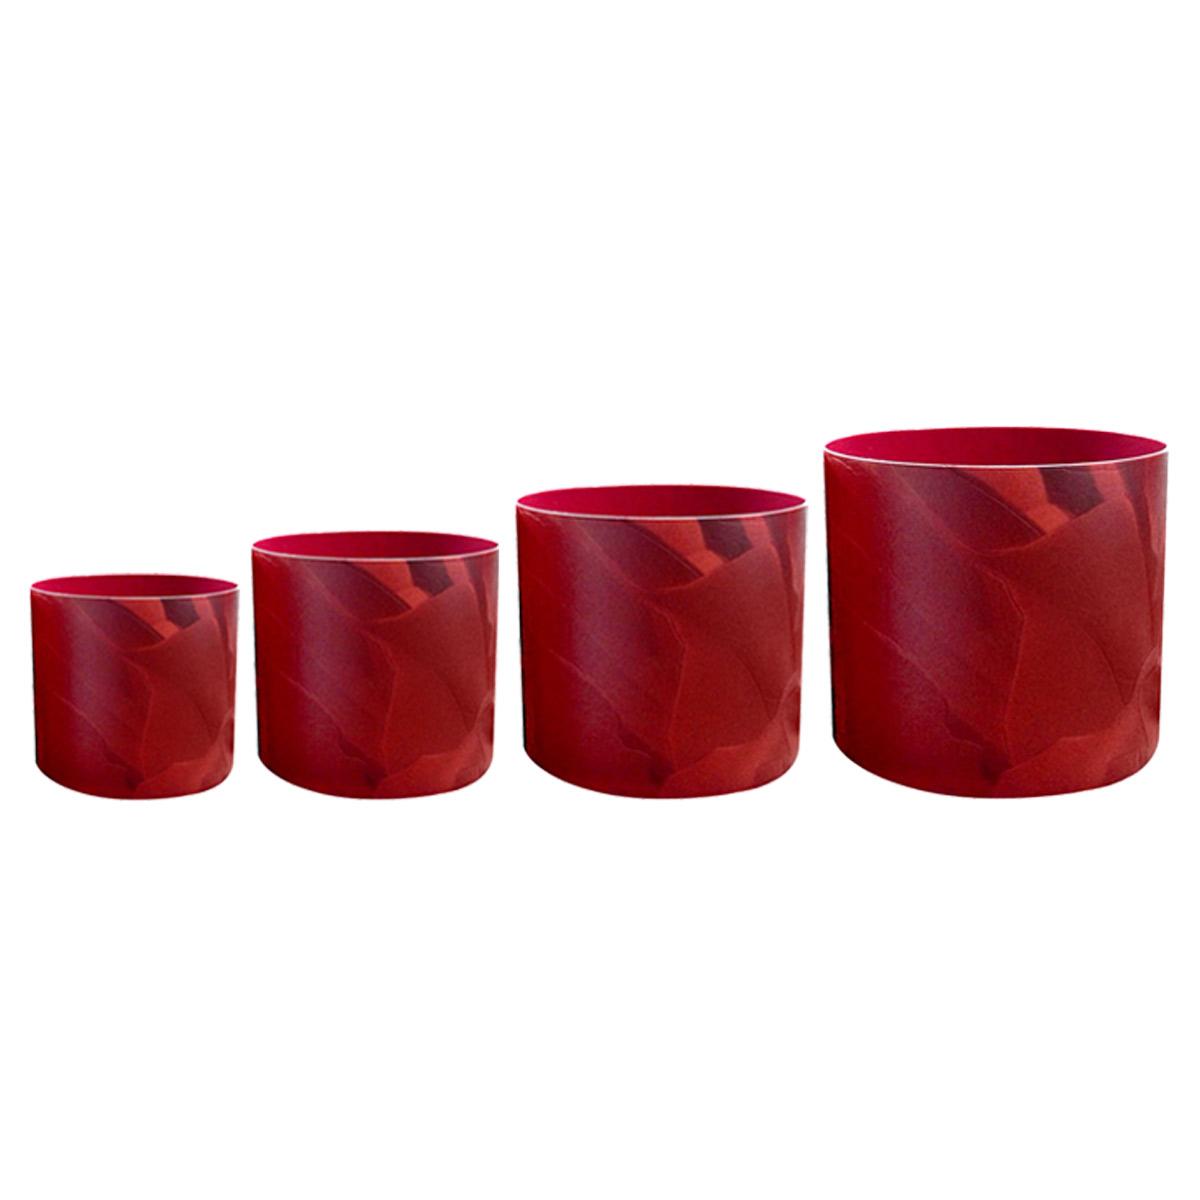 Набор горшков для цветов Miolla Красная кожа, со скрытым поддоном, 4 предметаSMG-SET21Набор Miolla Красная кожа состоит из 4 горшков со скрытыми поддонами. Горшкивыполнены из пластика. Изделия предназначены для цветов. Изделия оснащены специальными скрытыми поддонами.Диаметр горшков: 20,5 см, 16,5 см, 13,5 см, 11,5 см.Высота горшков (с учетом поддона): 19 см, 16 см, 13,5 см, 11,5 см.Объем горшков: 1 л, 1,7 л, 2,8 л, 5,1 л.